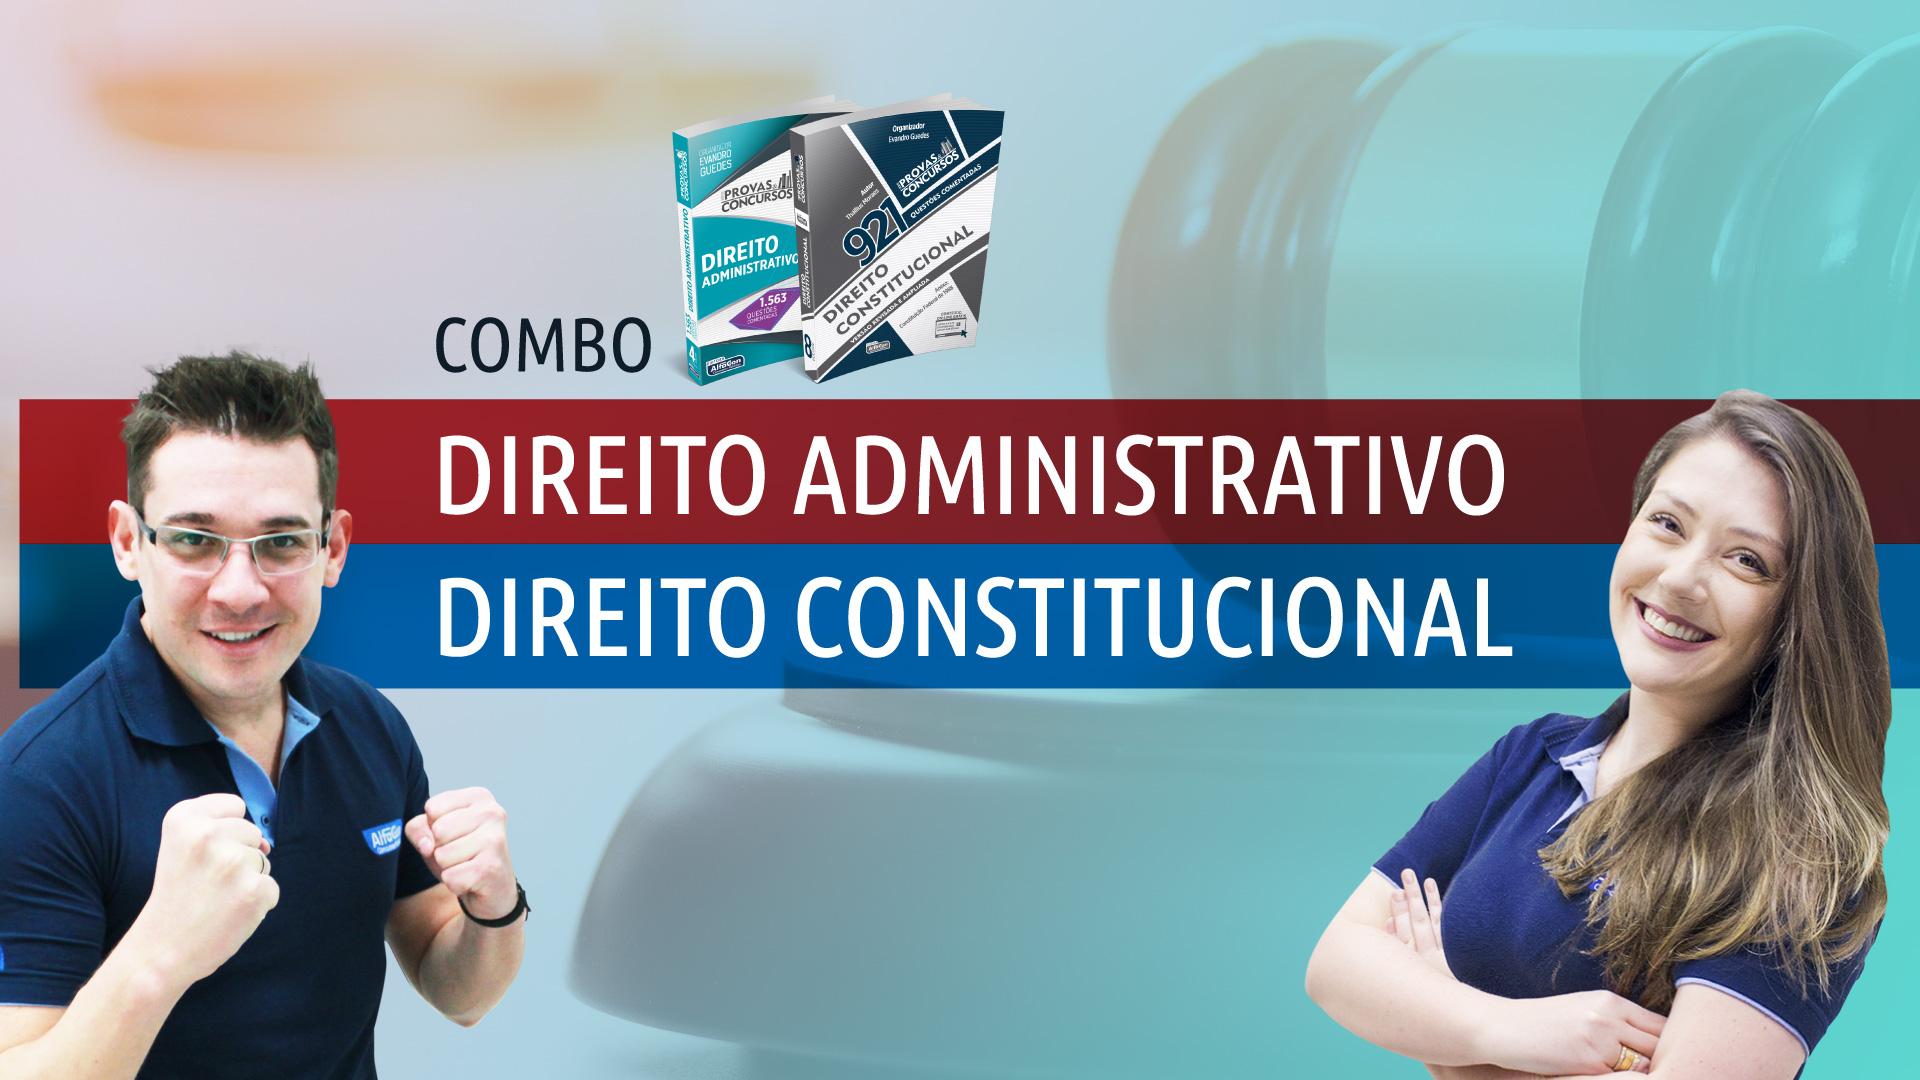 Combo 2 em 1: Direito Administrativo e Constitucional